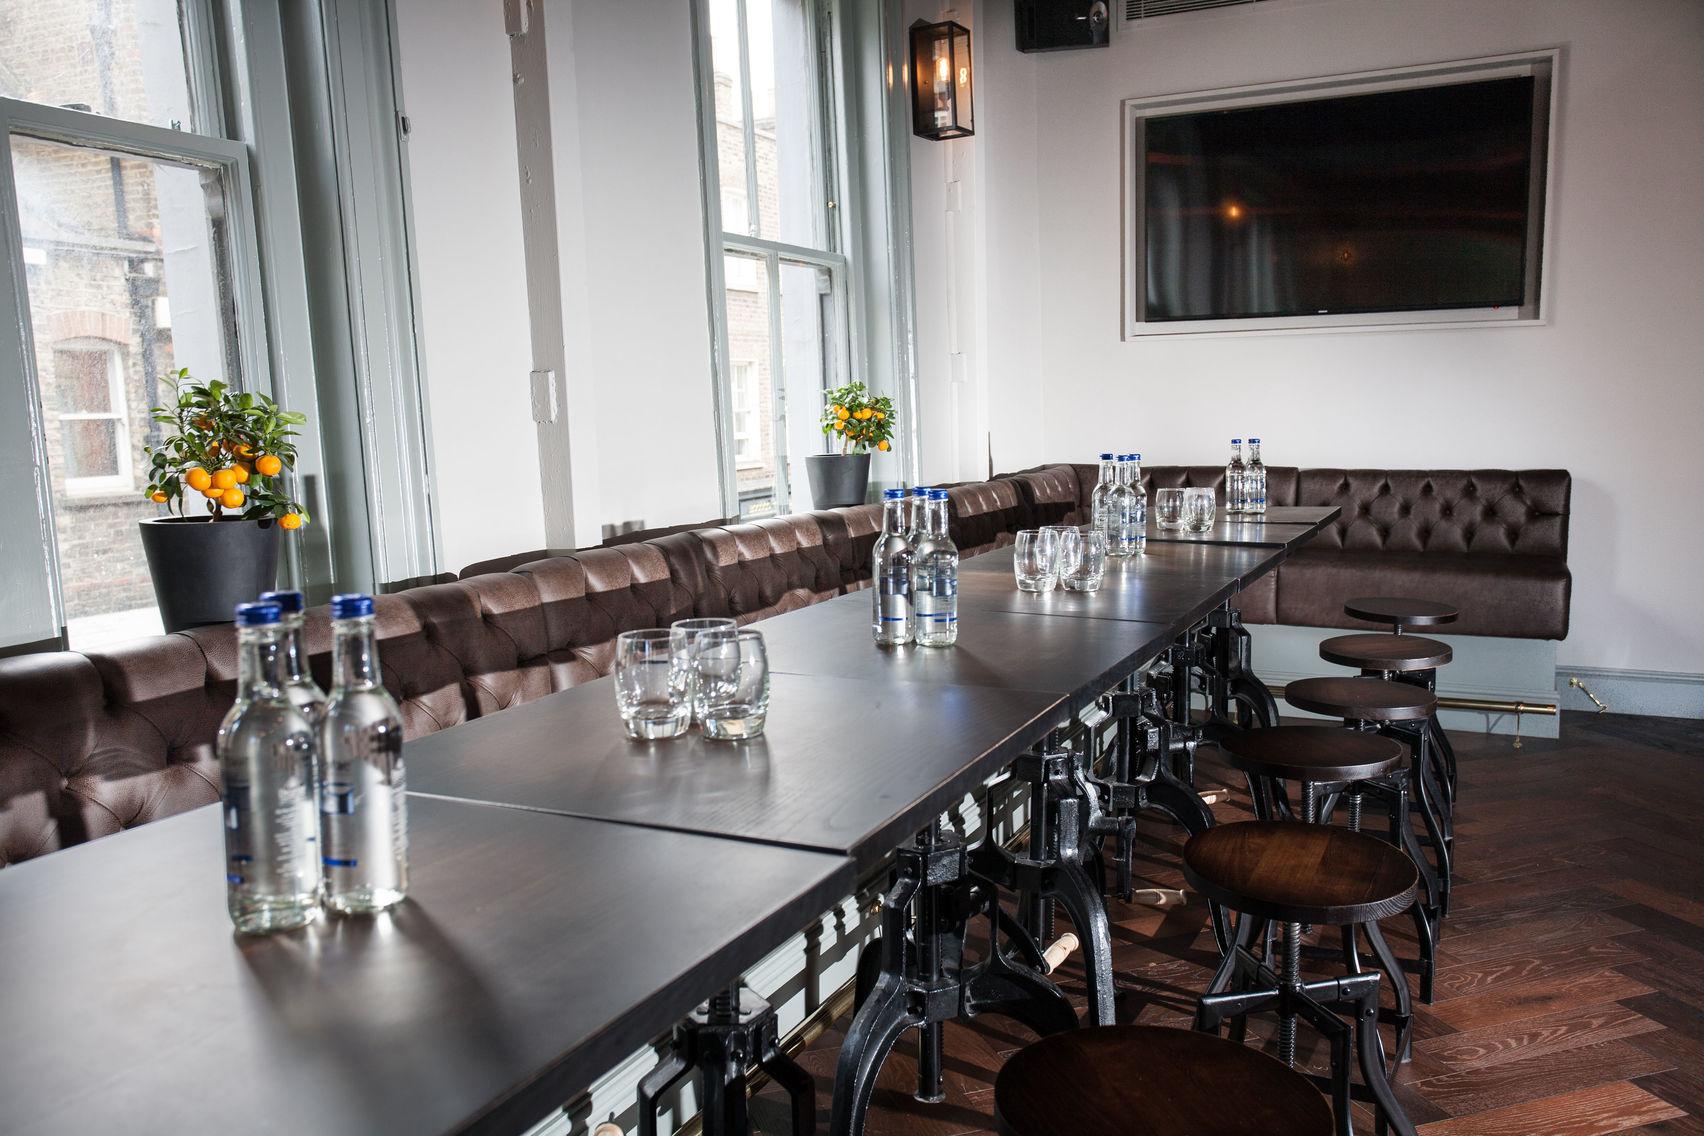 Saloon Bar on the First Floor, The Marylebone